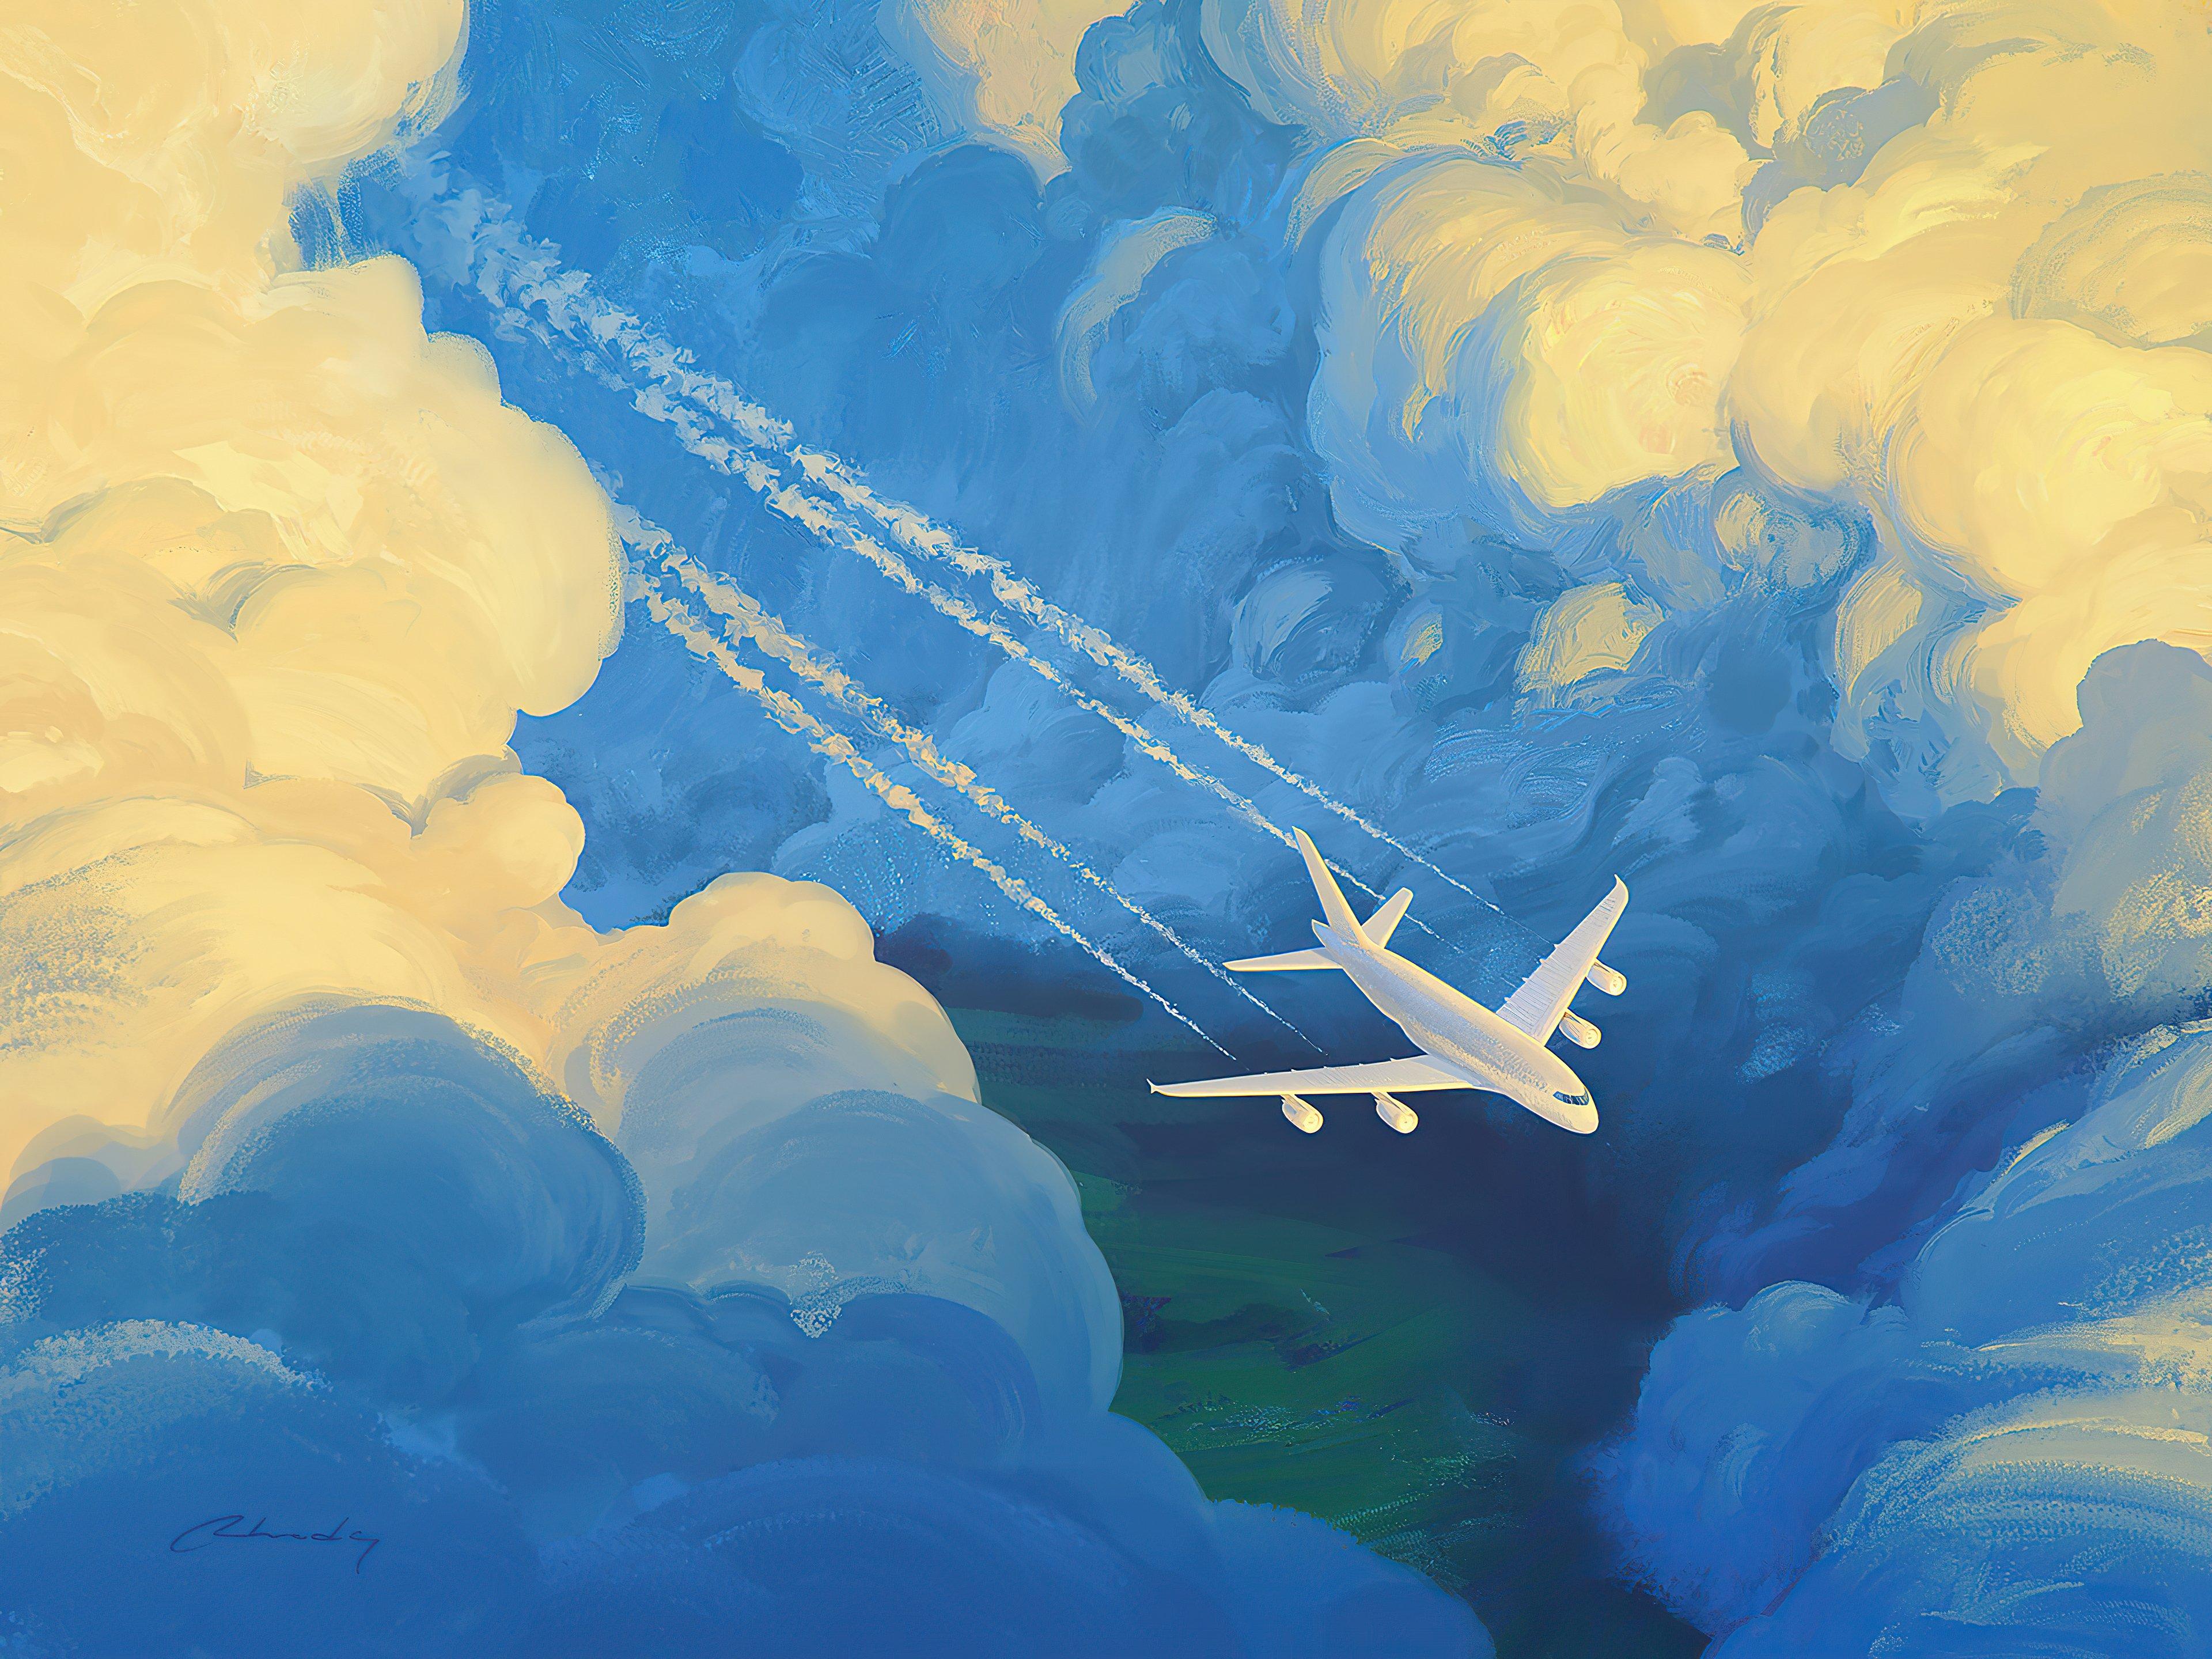 Fondos de pantalla Avión en las nubes Artwork